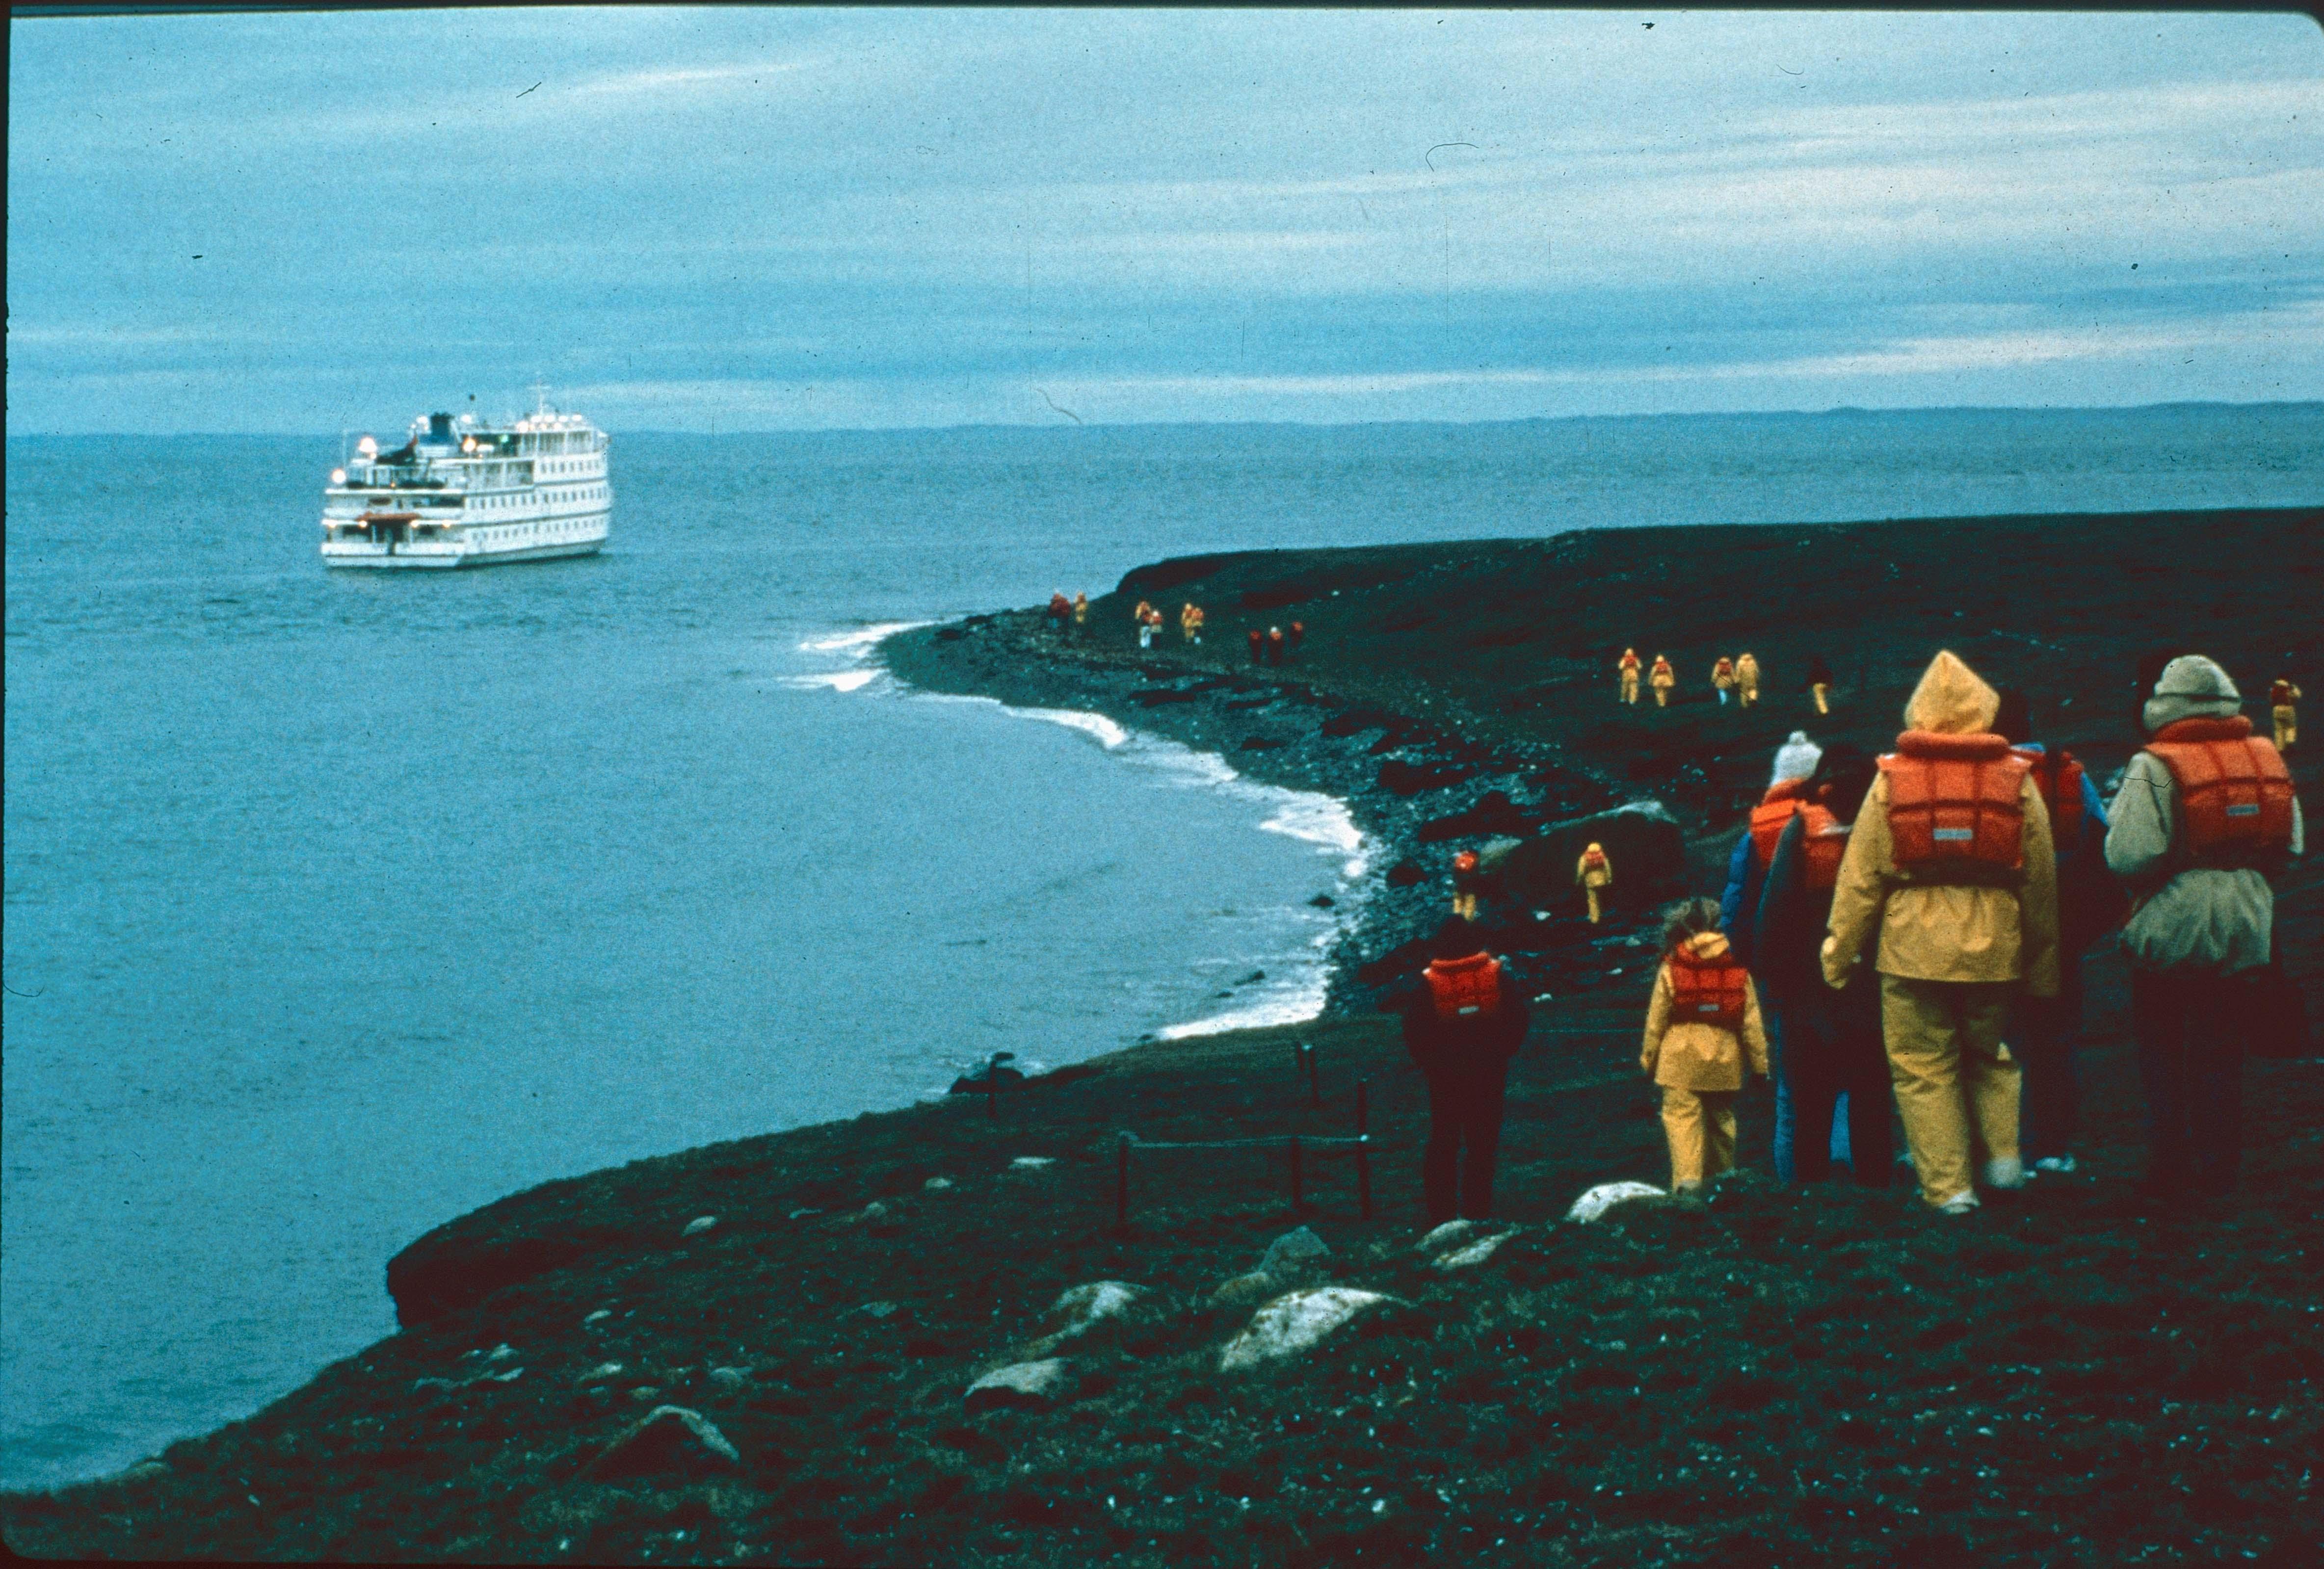 Enterreno - Fotos históricas de chile - fotos antiguas de Chile - Crucero en el extremo Sur de Chile en los 90s